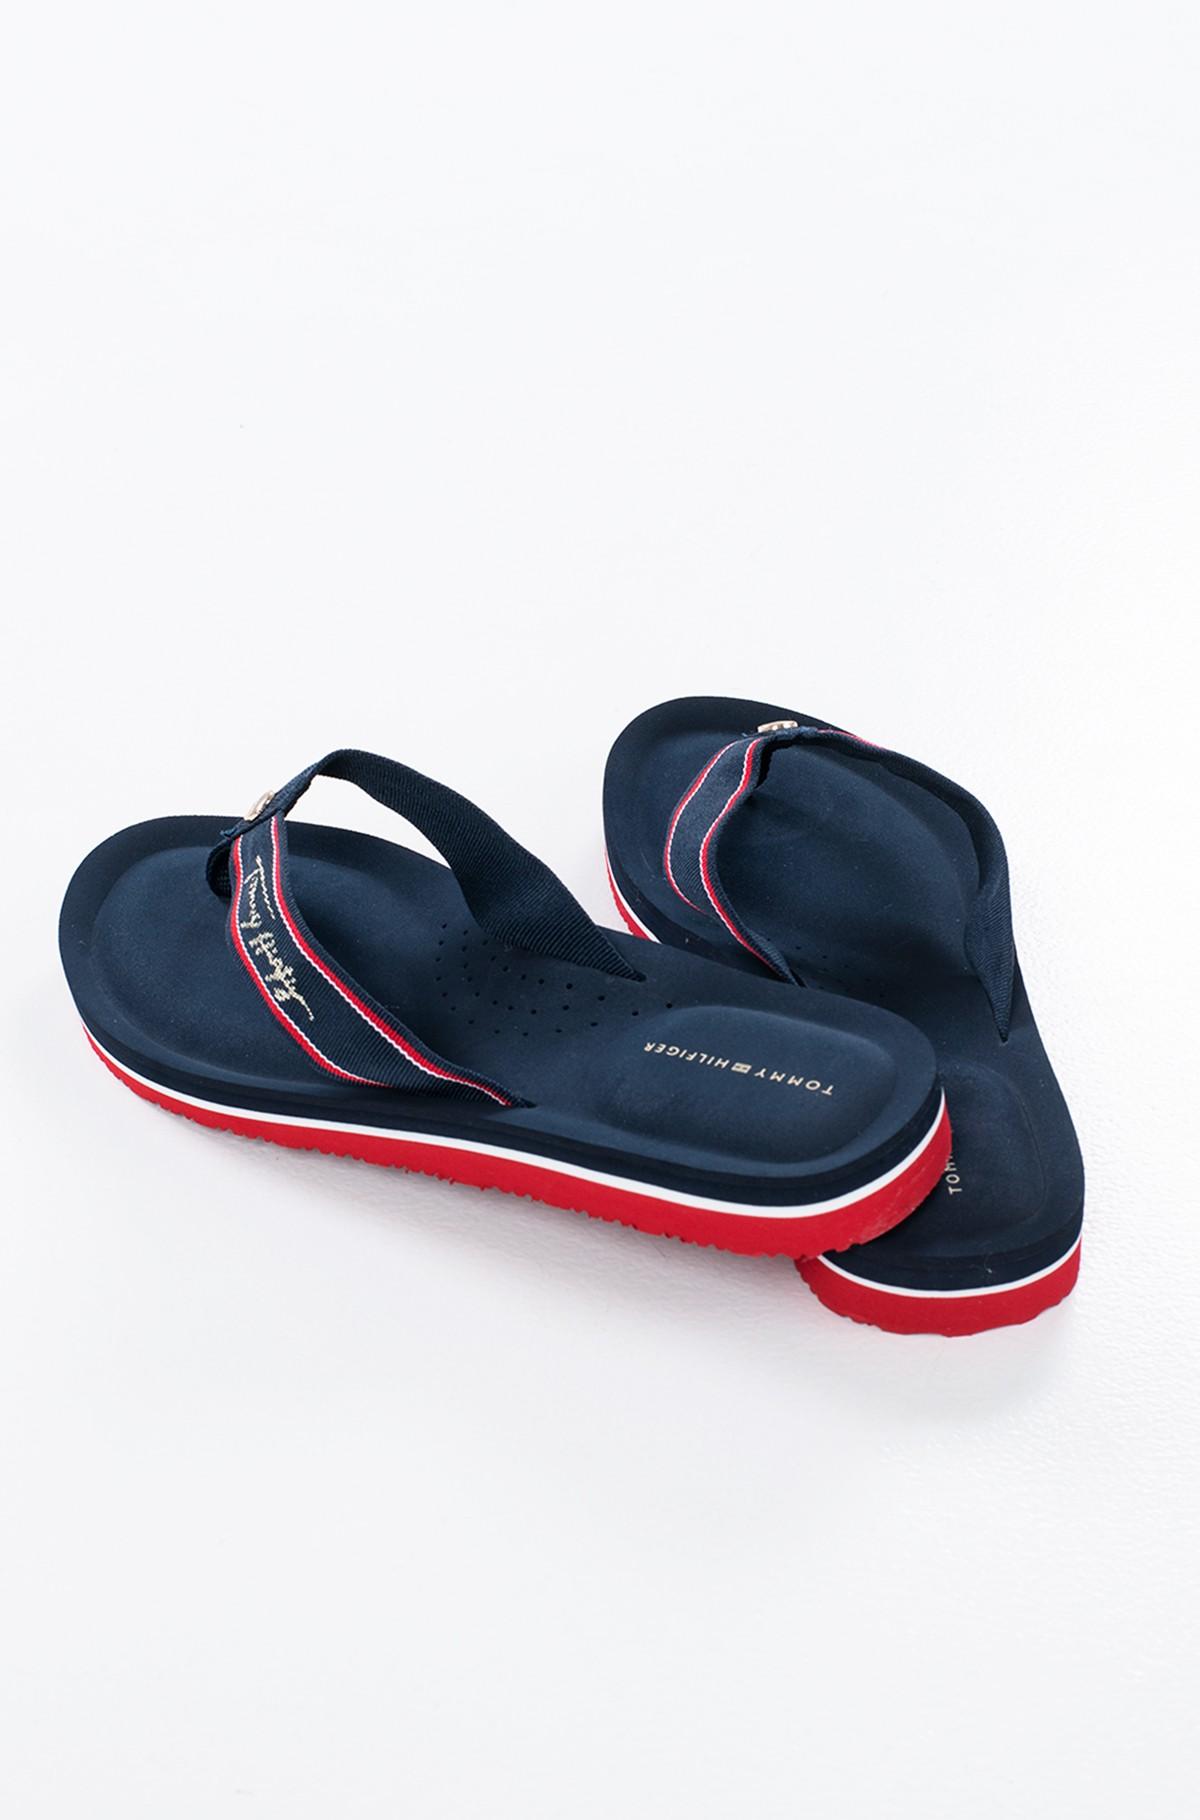 Flip-flops COMFORT FOOTBED BEACH SANDAL-full-3